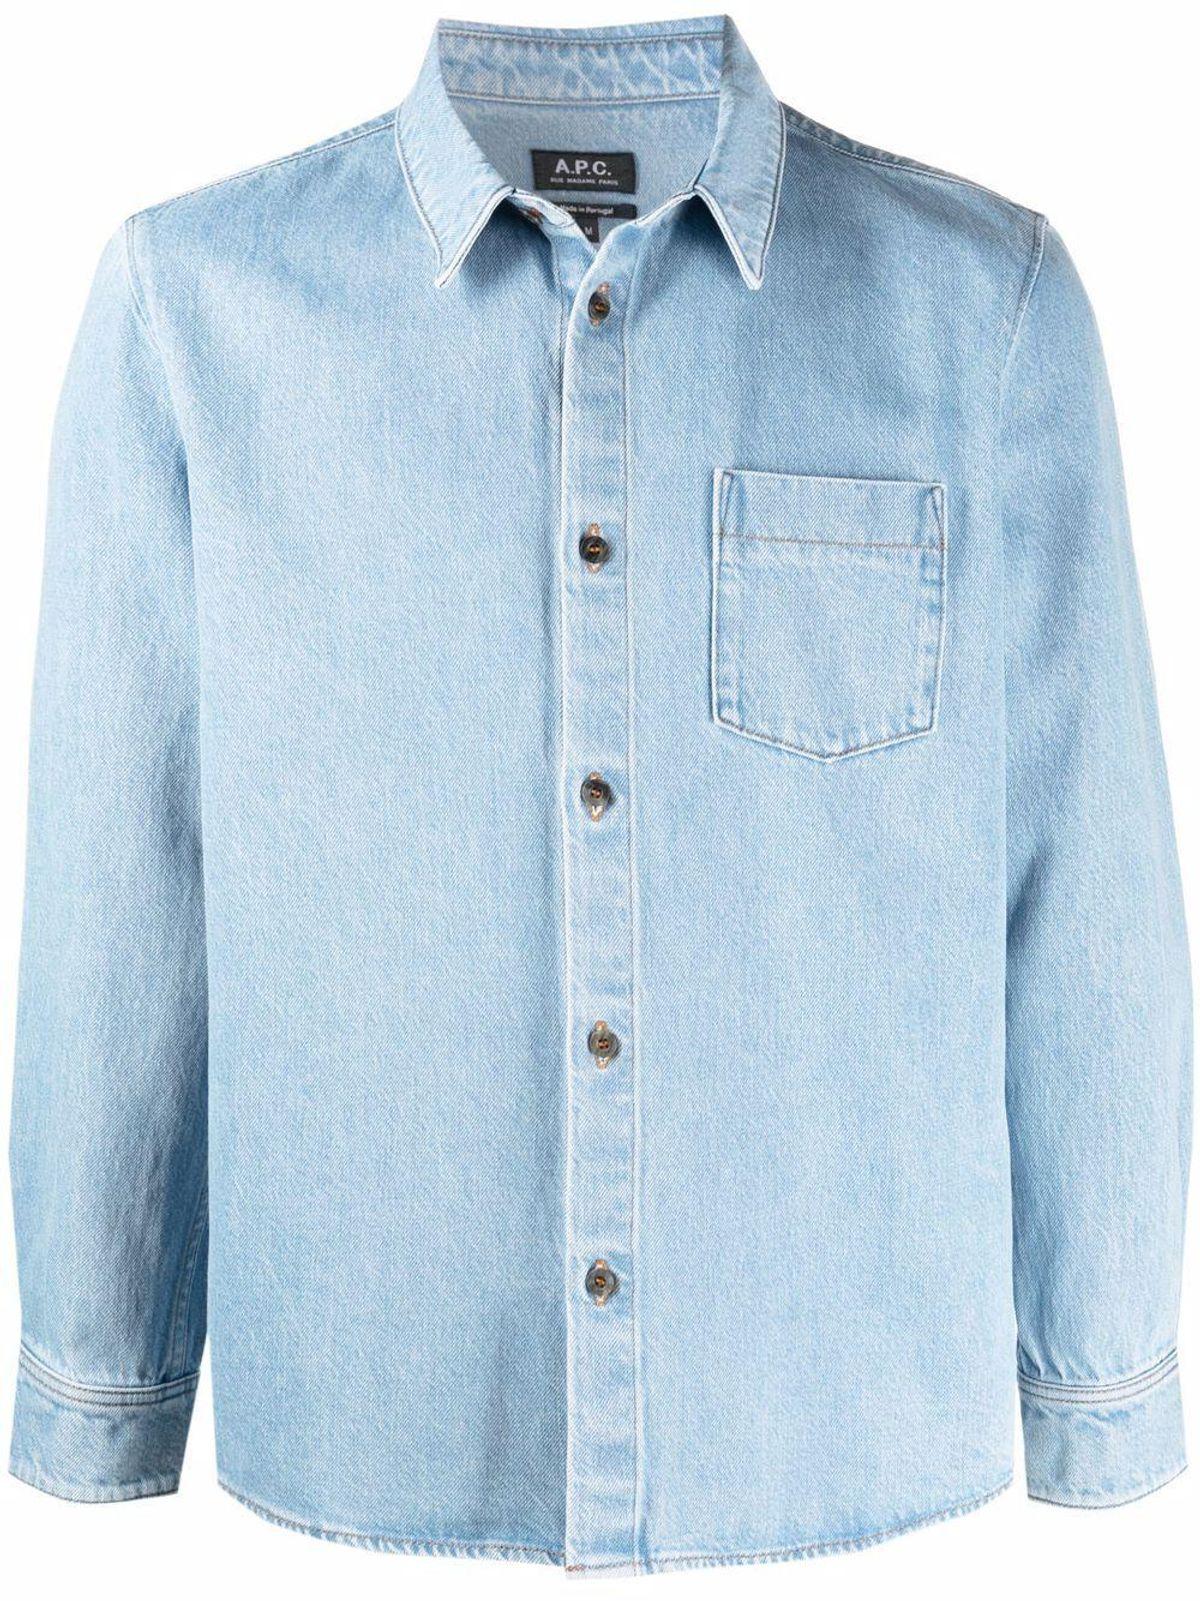 apc chest pocket denim shirt